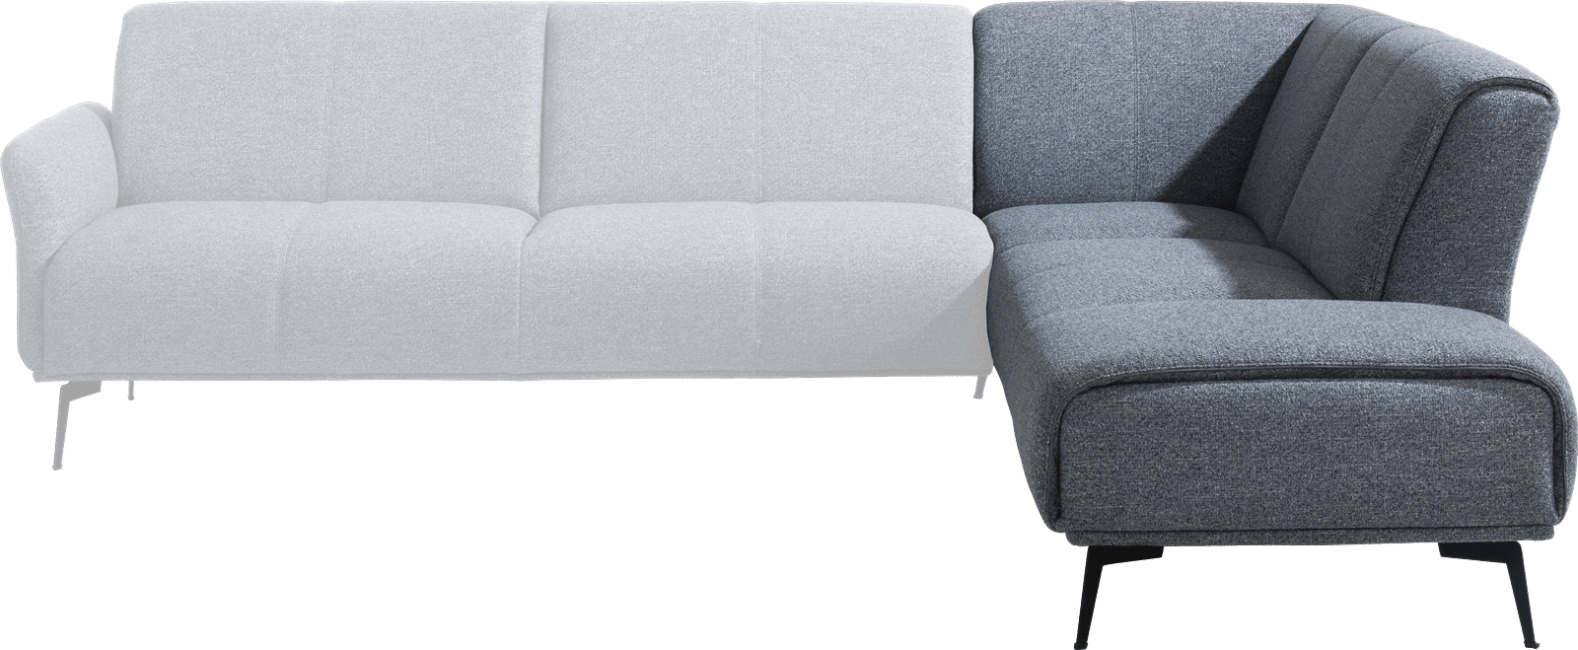 XOOON - Manarola - Minimalistisches Design - Sofas - ottomane rechts